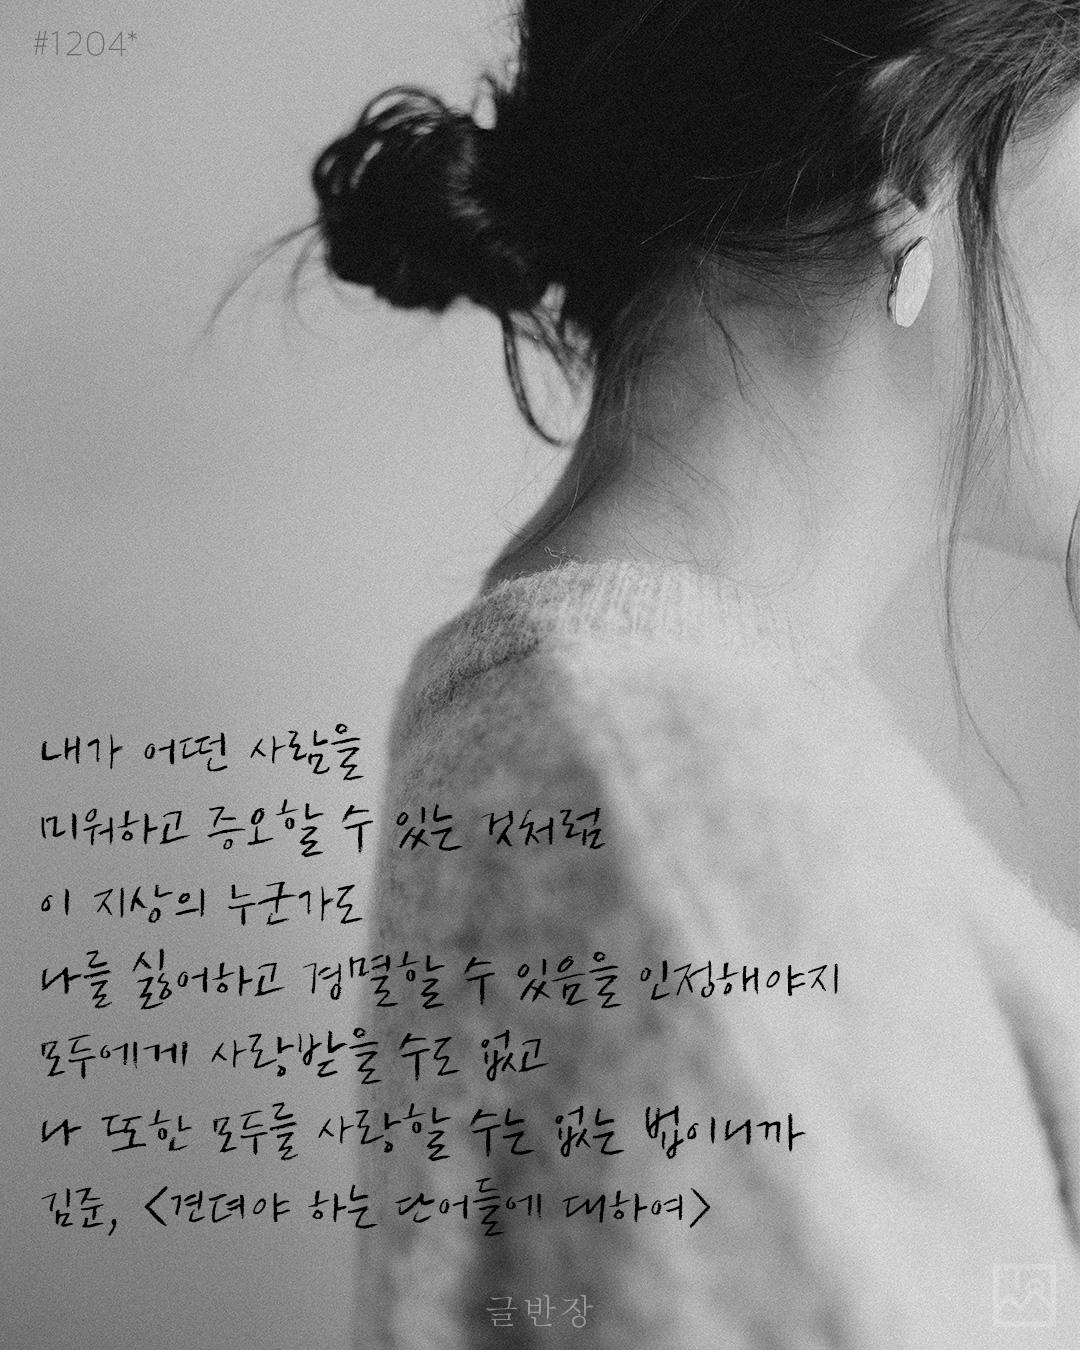 모두에게 사랑받을 수도 없고 나 또한 모두를 사랑할 수는 없는 법이니까 - 김준, <견뎌야 하는 단어들에 대하여>